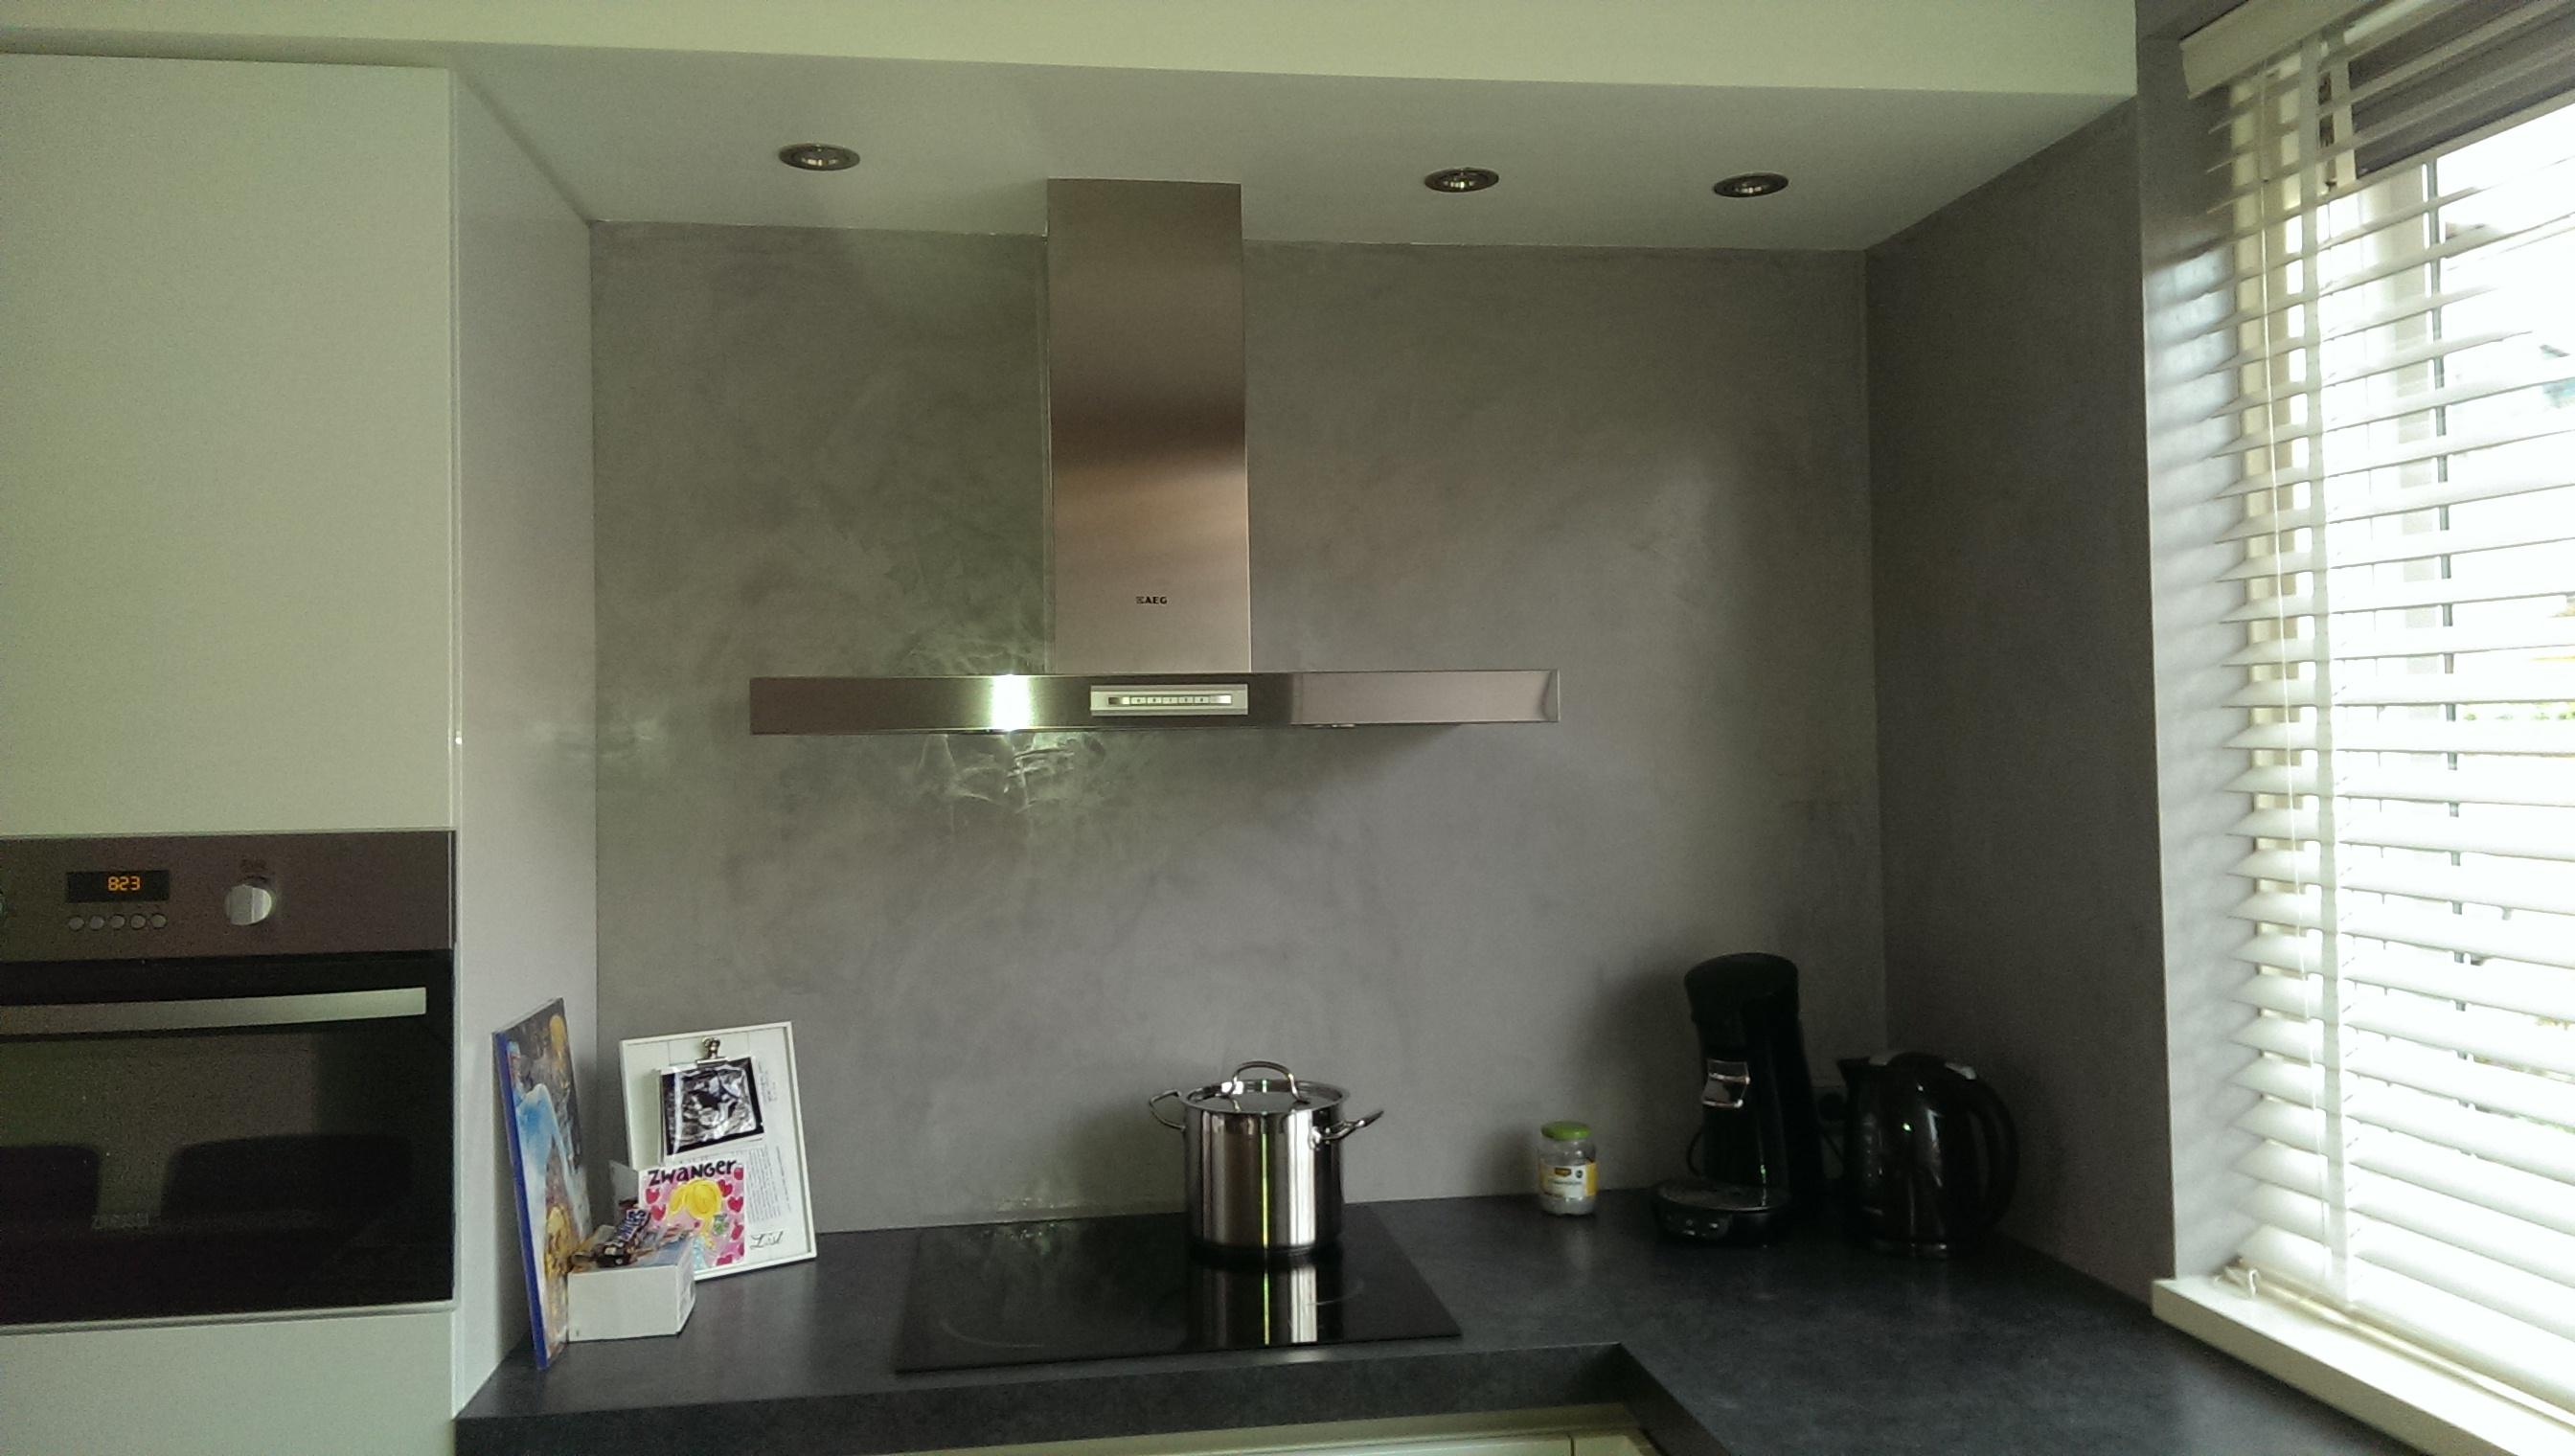 Keuken Verf Kleuren : Verf voor in de keuken